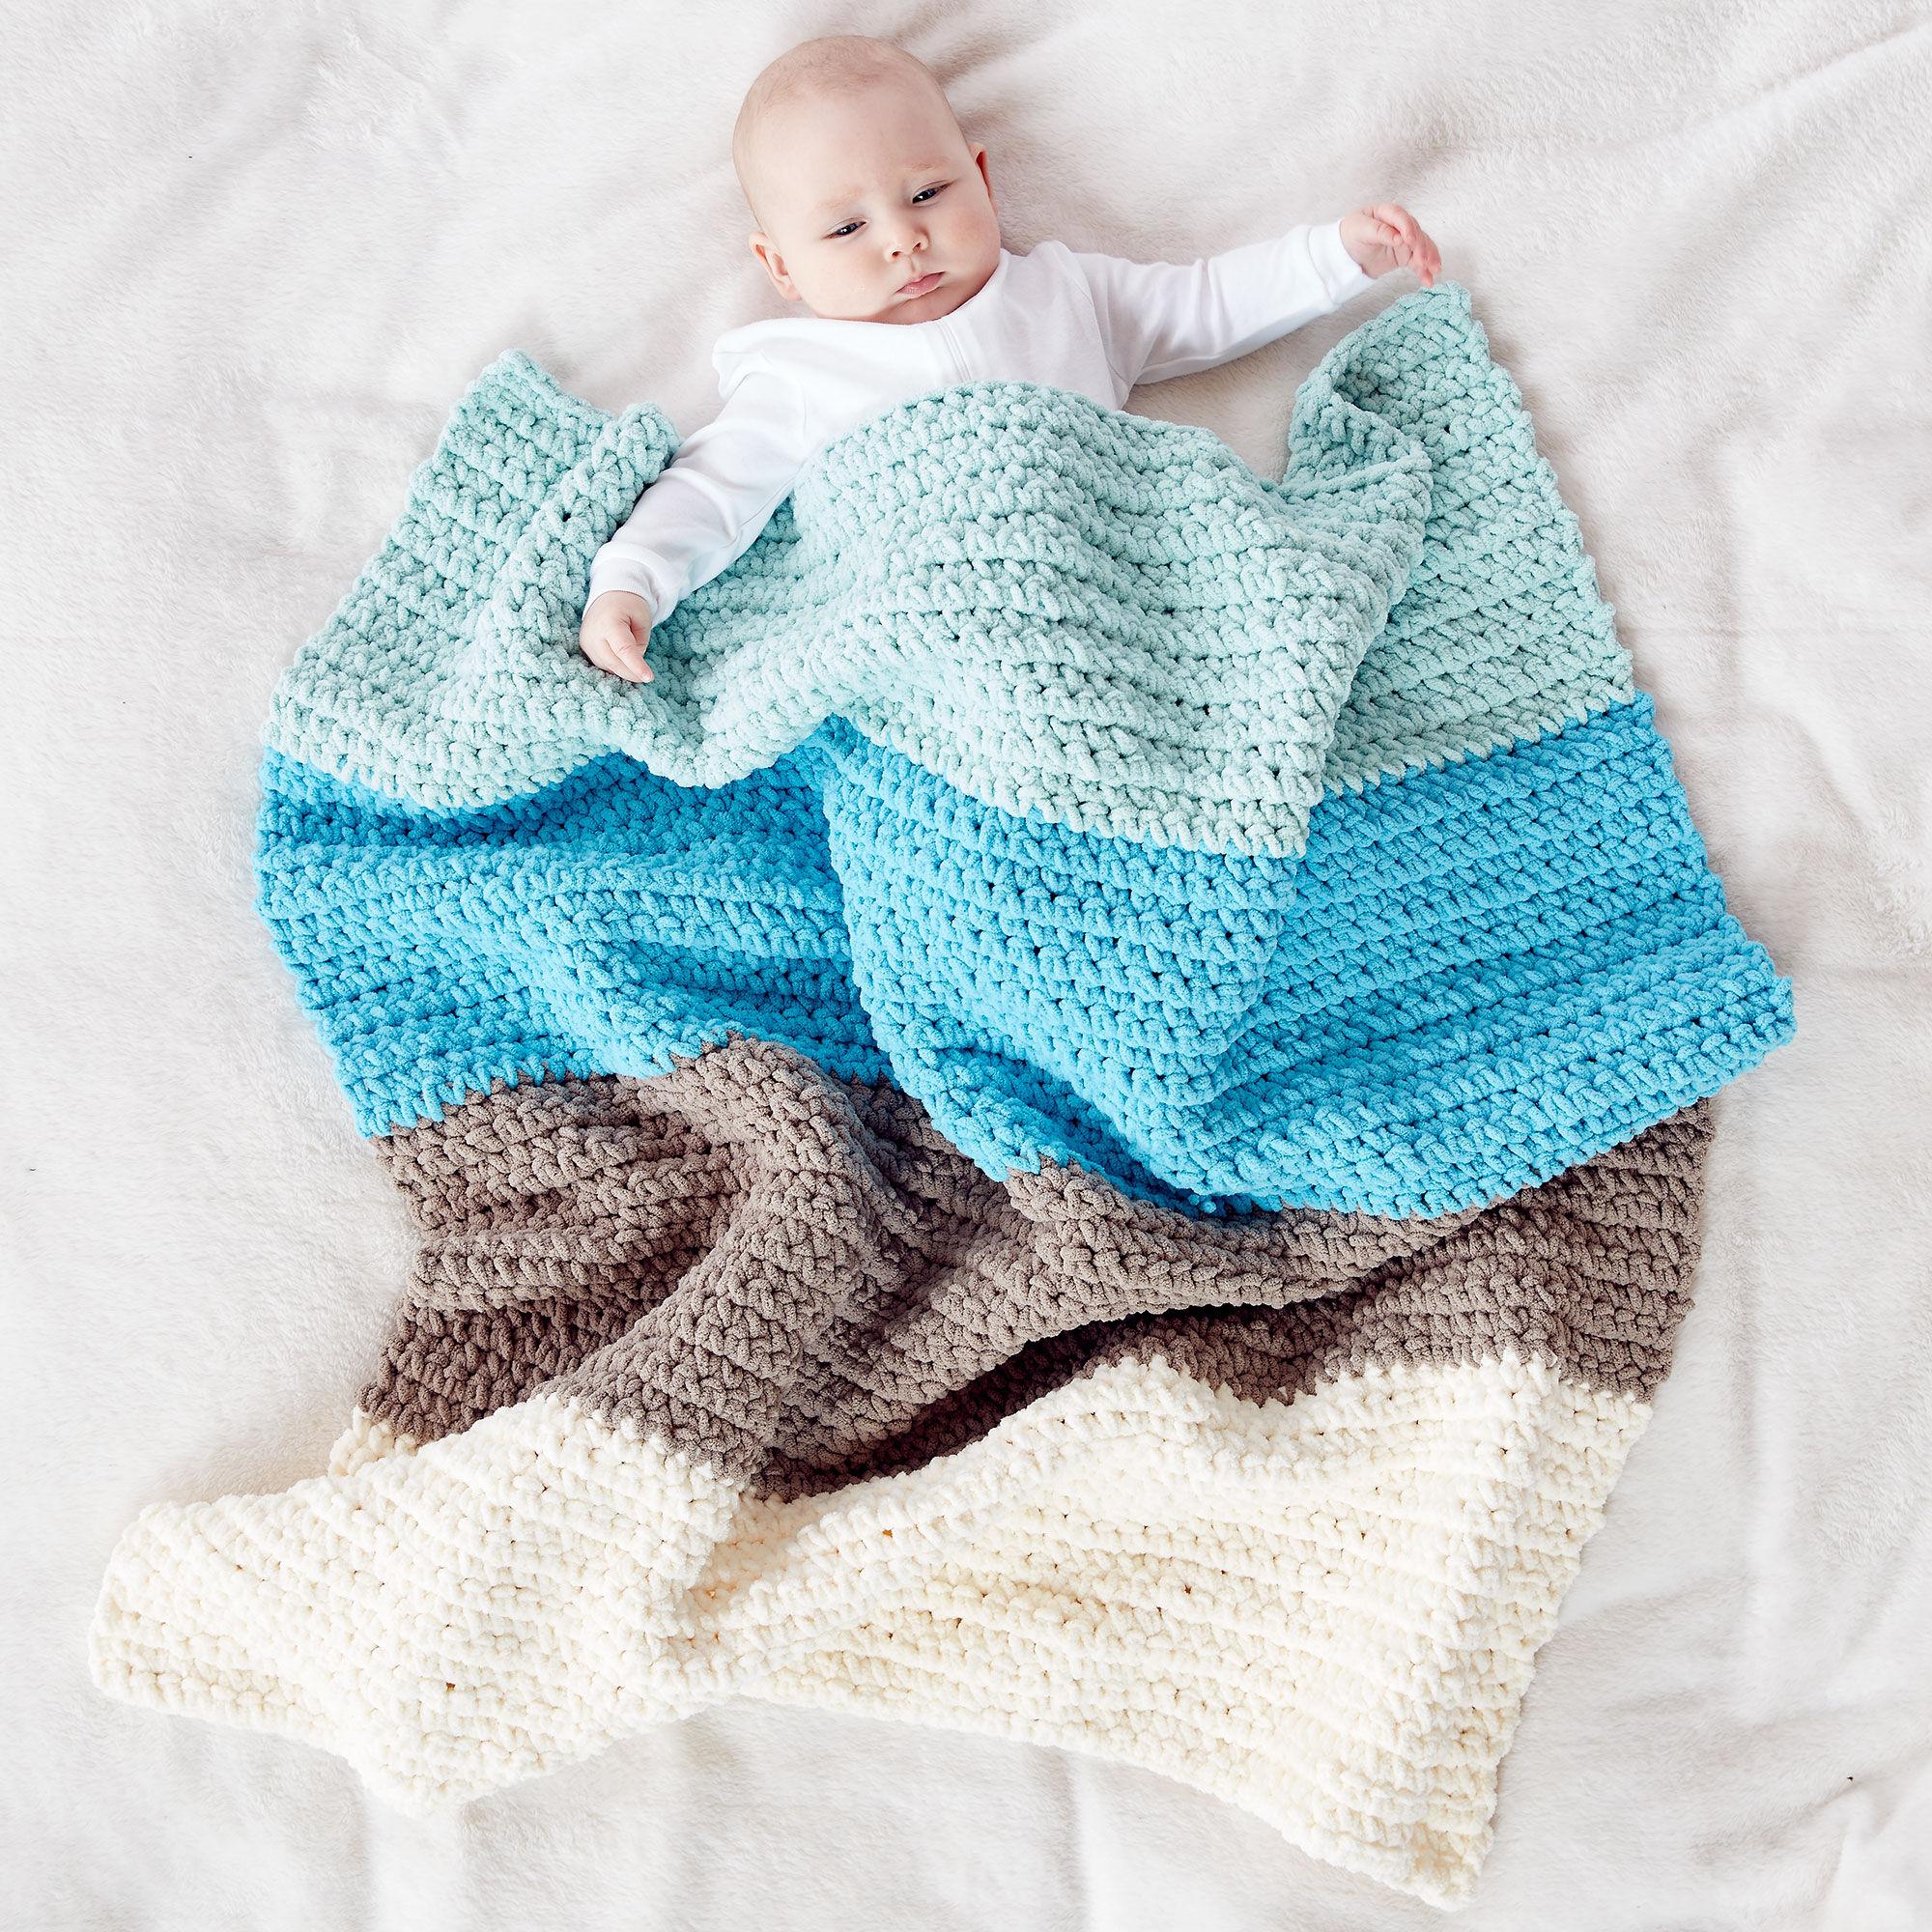 Kết quả hình ảnh cho Color Block Blanket